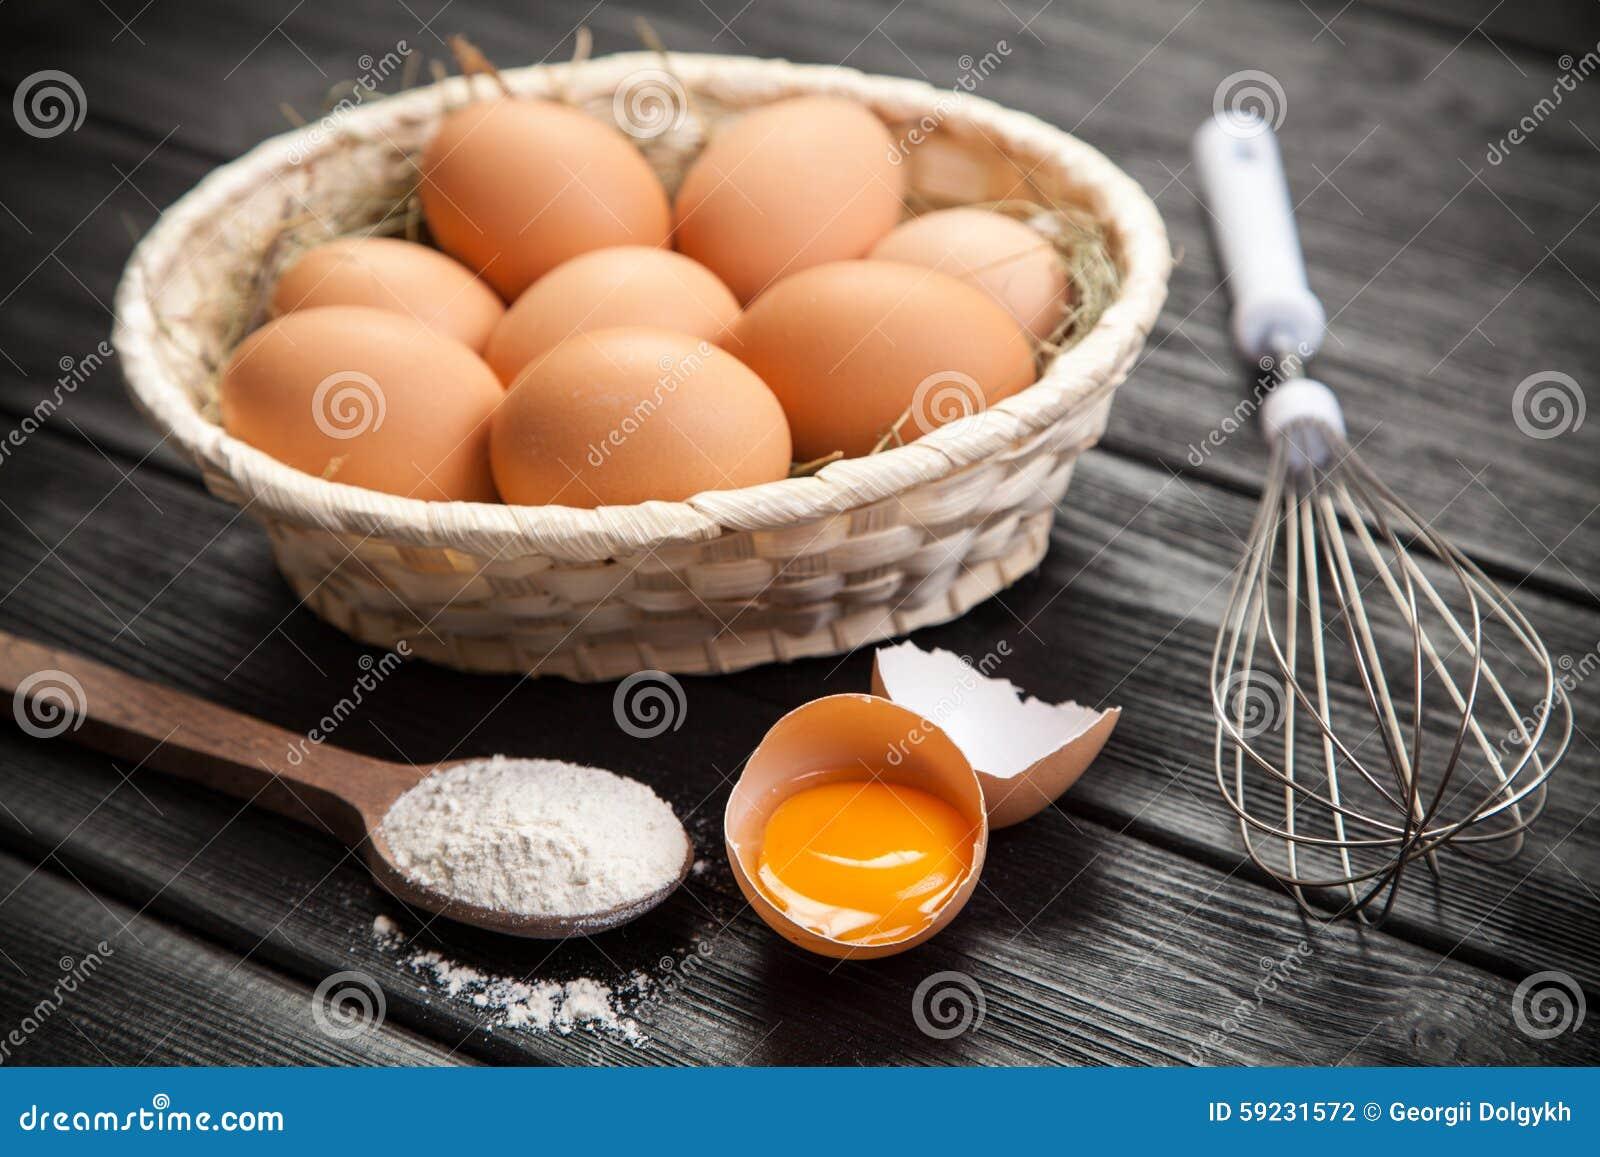 Download Huevos orgánicos frescos foto de archivo. Imagen de harina - 59231572